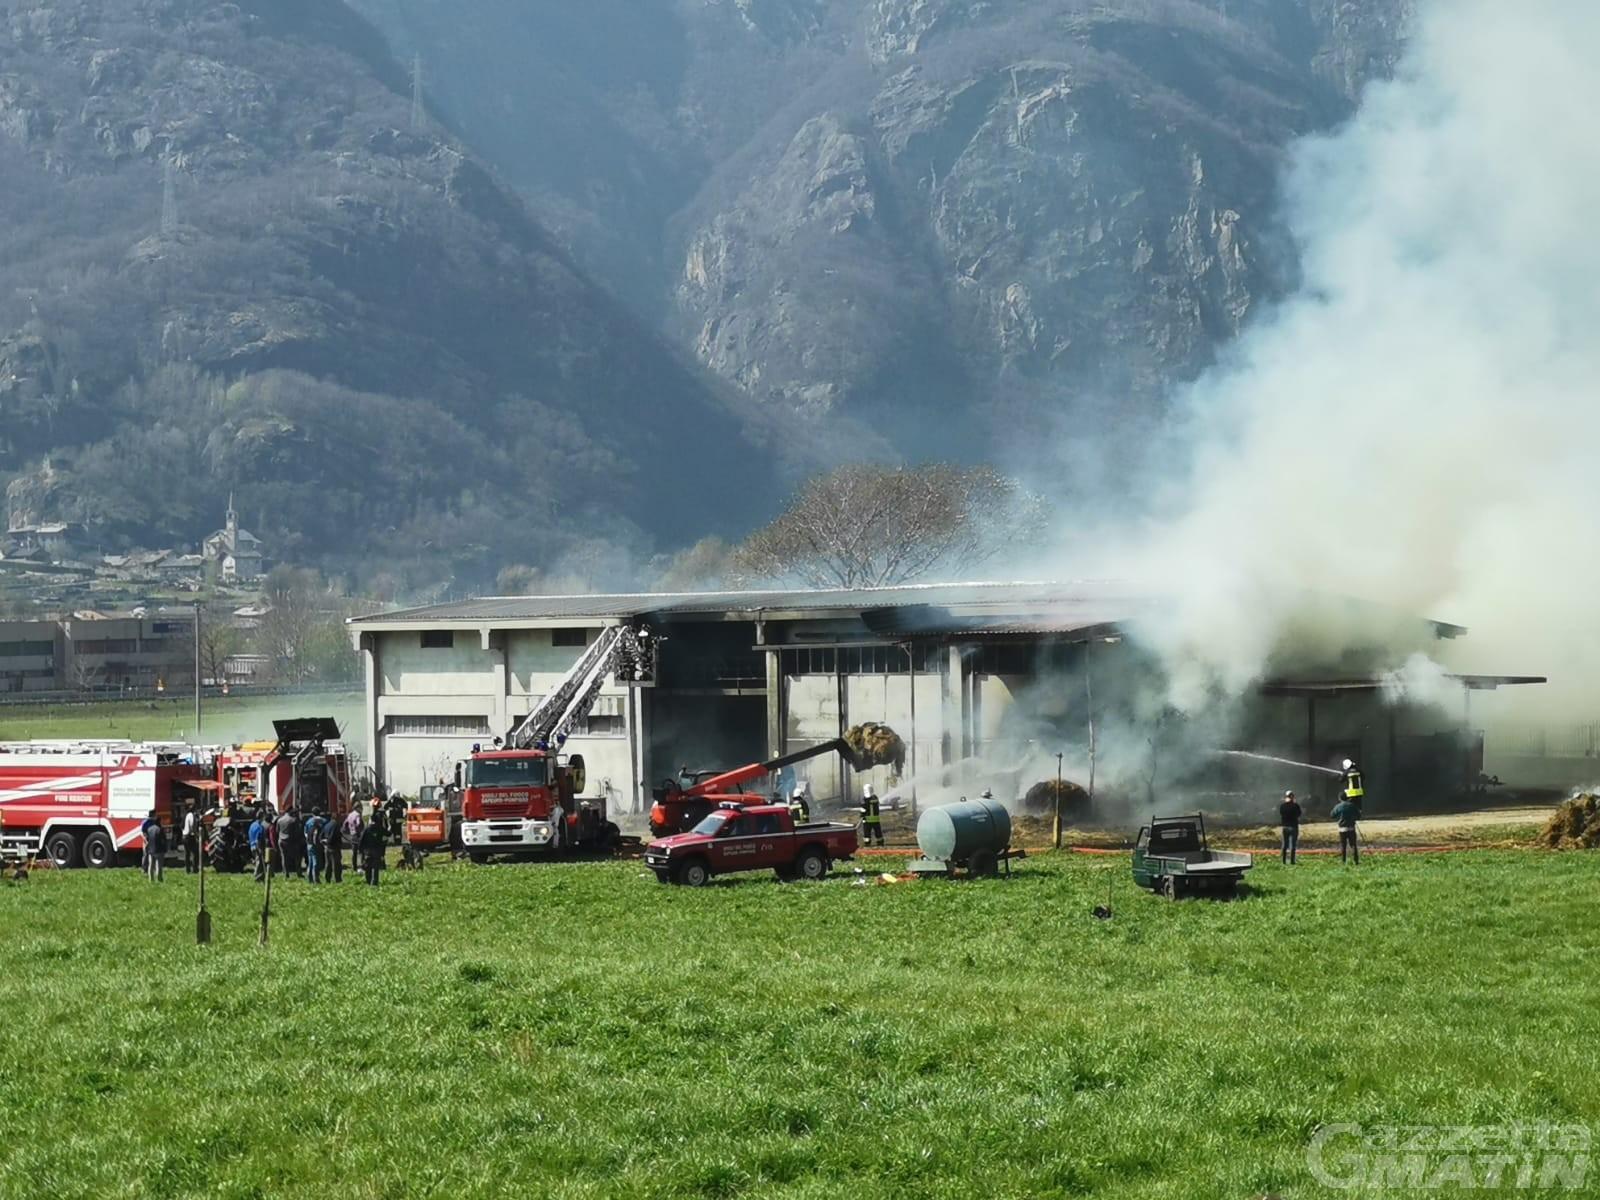 Donnas, fienile in fiamme: intervento dei Vigili del fuoco